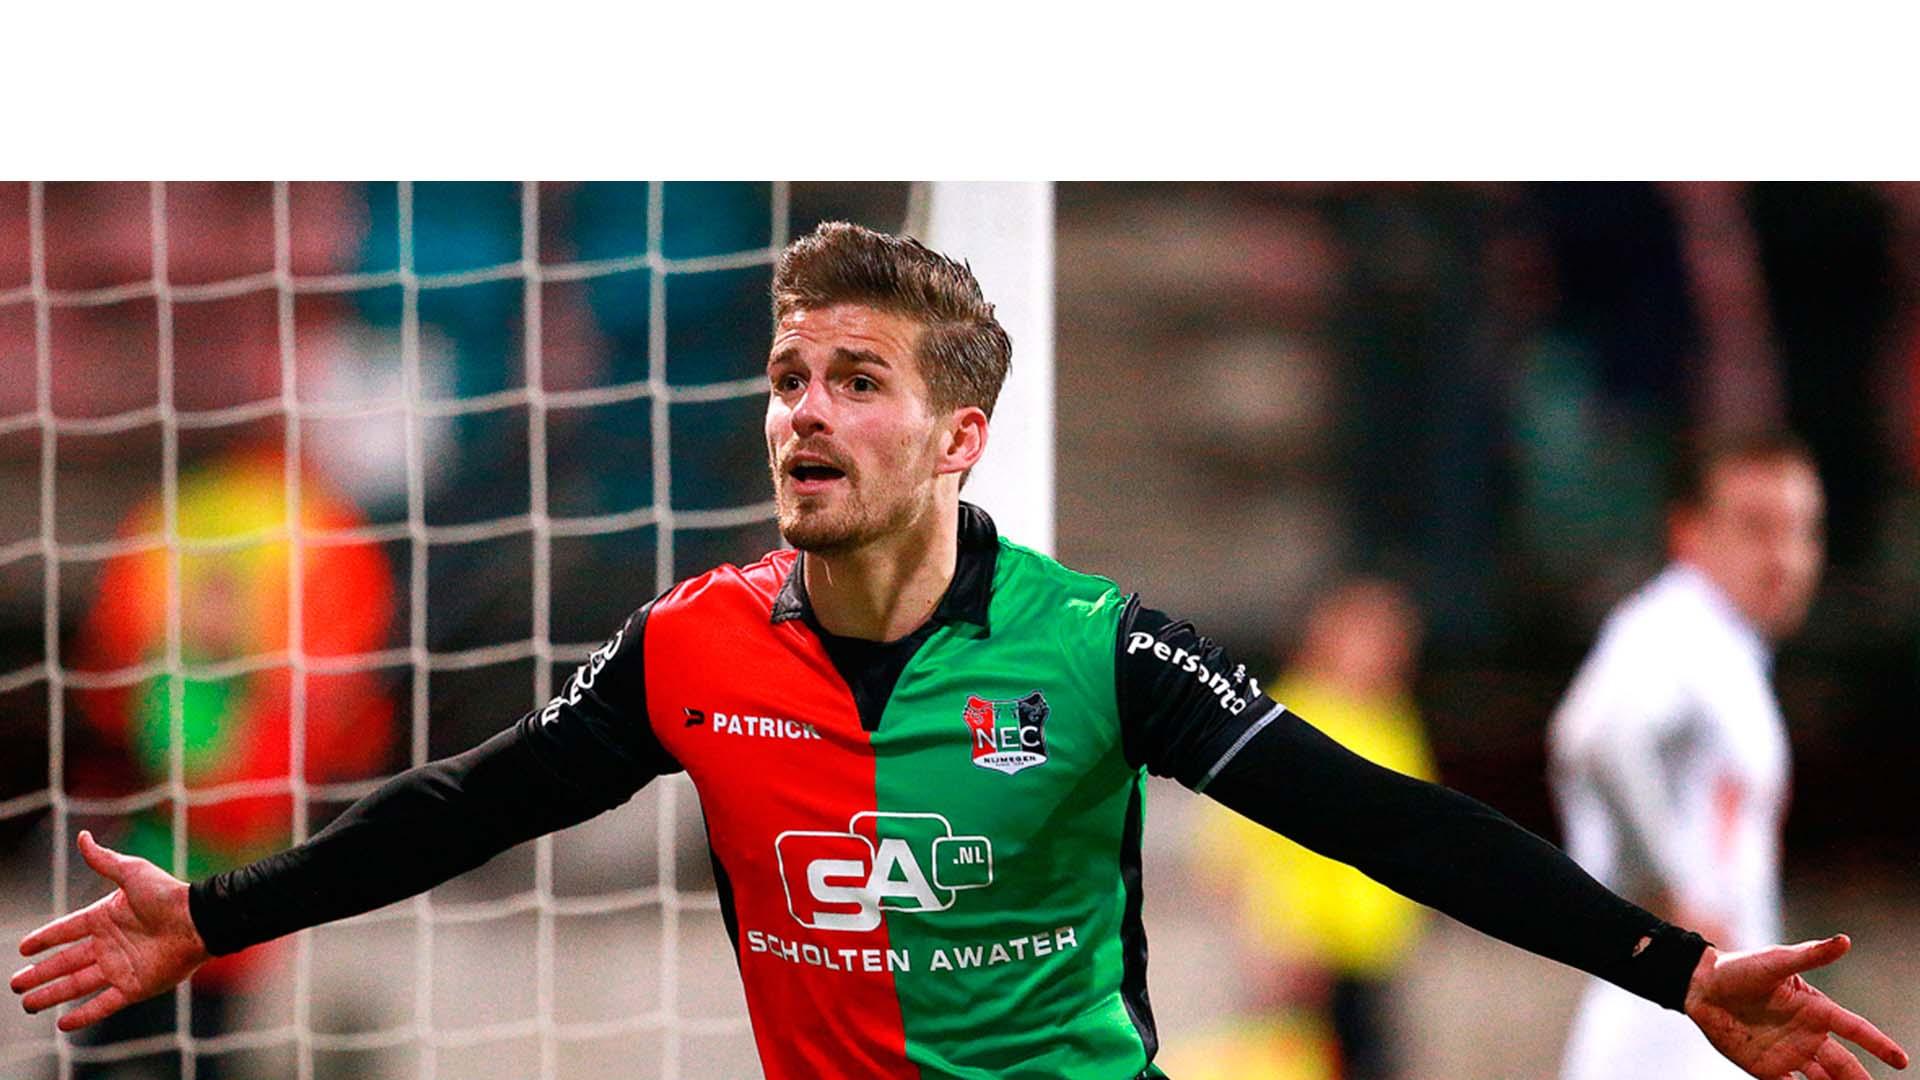 El venezolano marcó el primer gol de la victoria del NEC Nijmegen 2-1 ante el Cambuur y llegó a 16 tantos en la Eredivisie